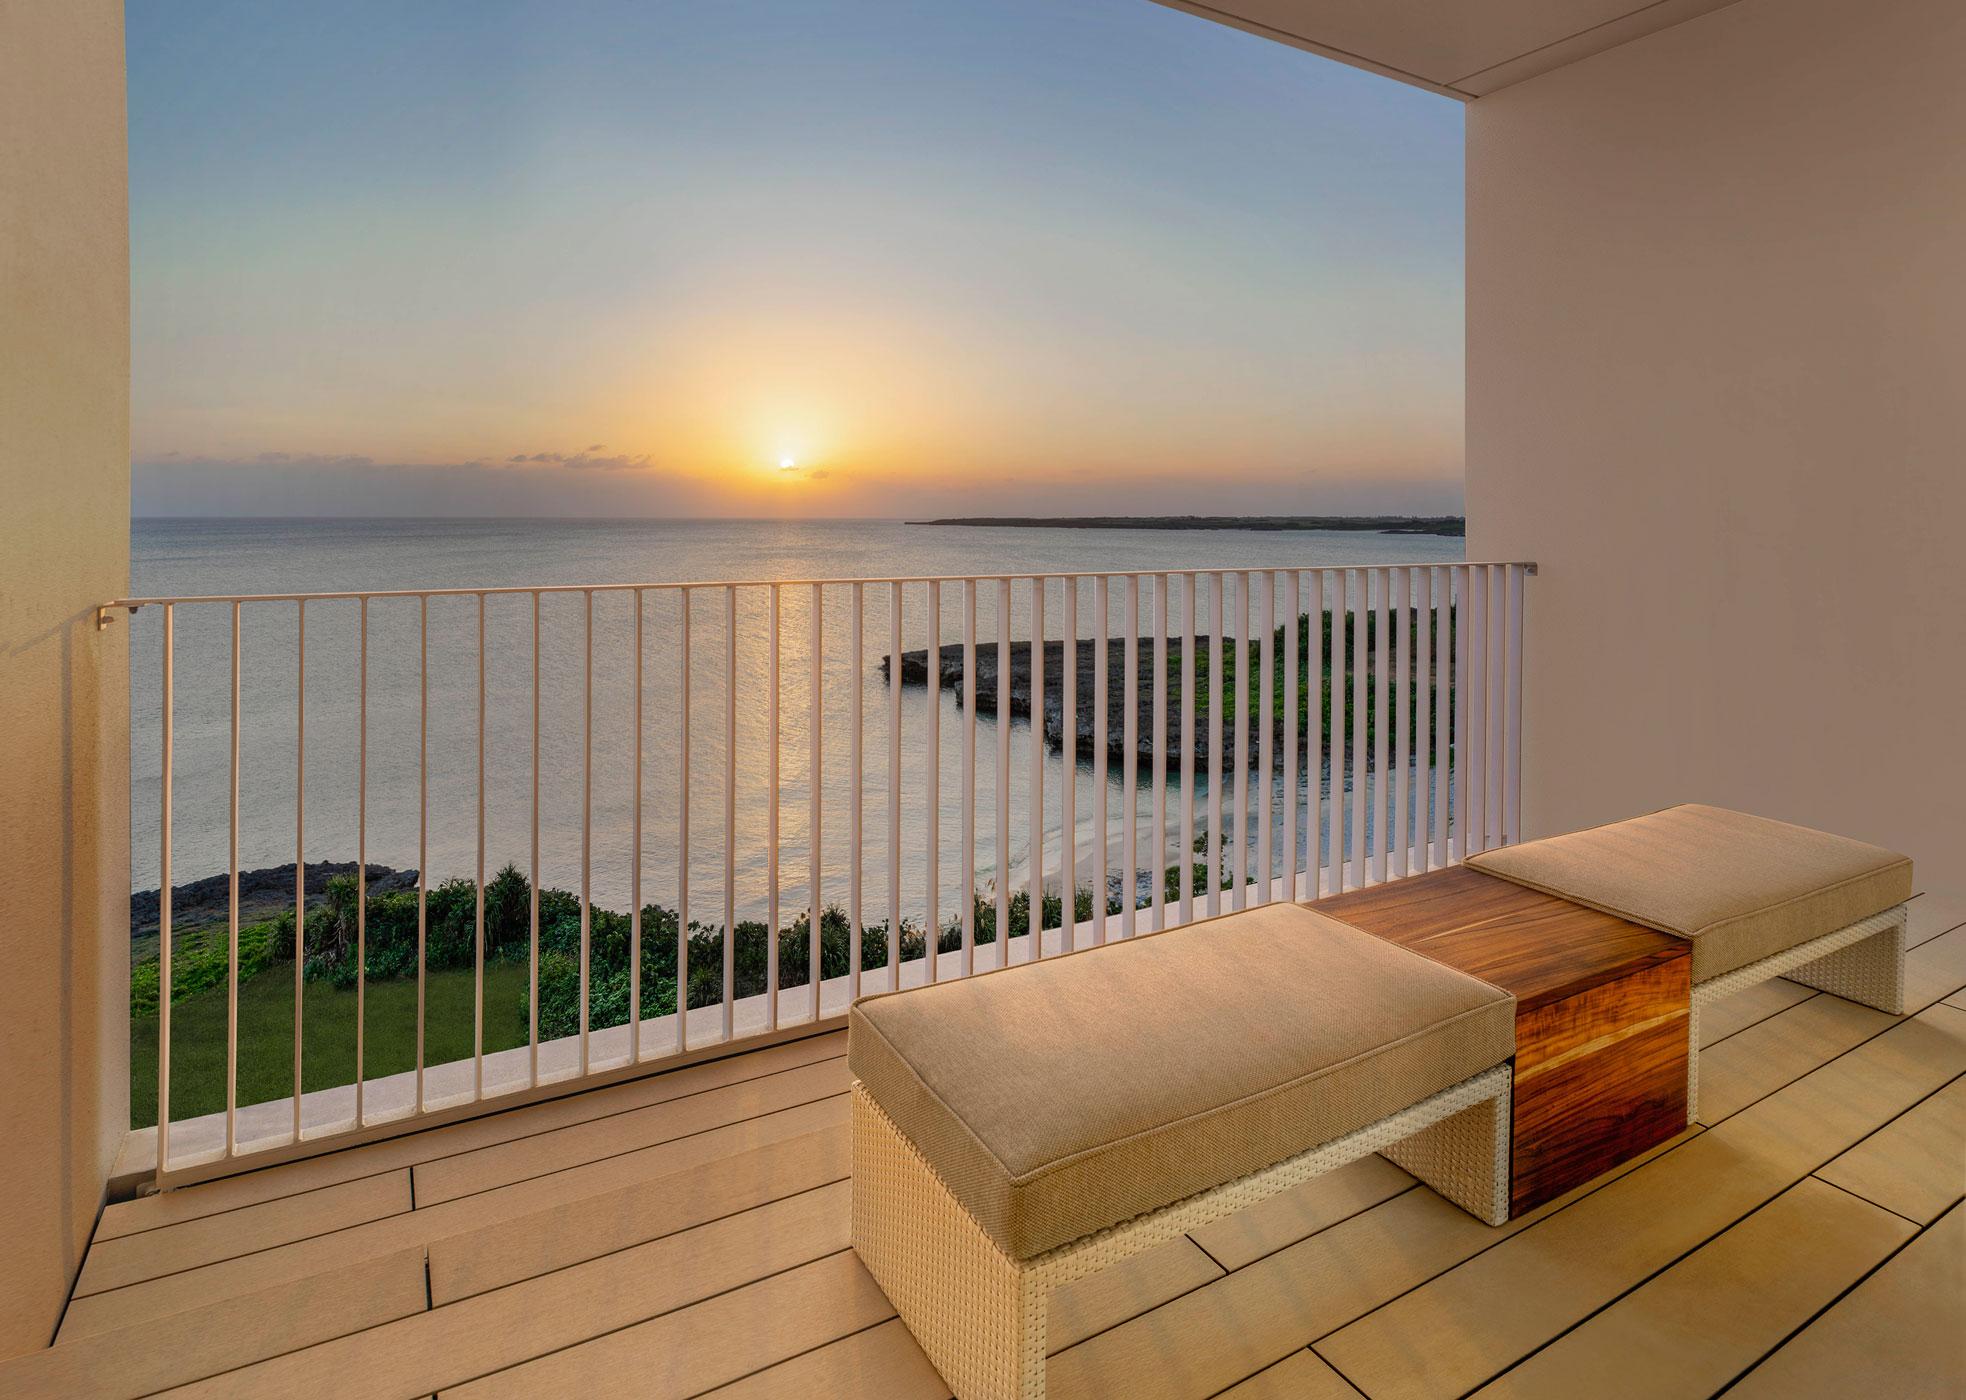 LUX_OKALC_Upper_Ocean_View_Terrace_Sunsent